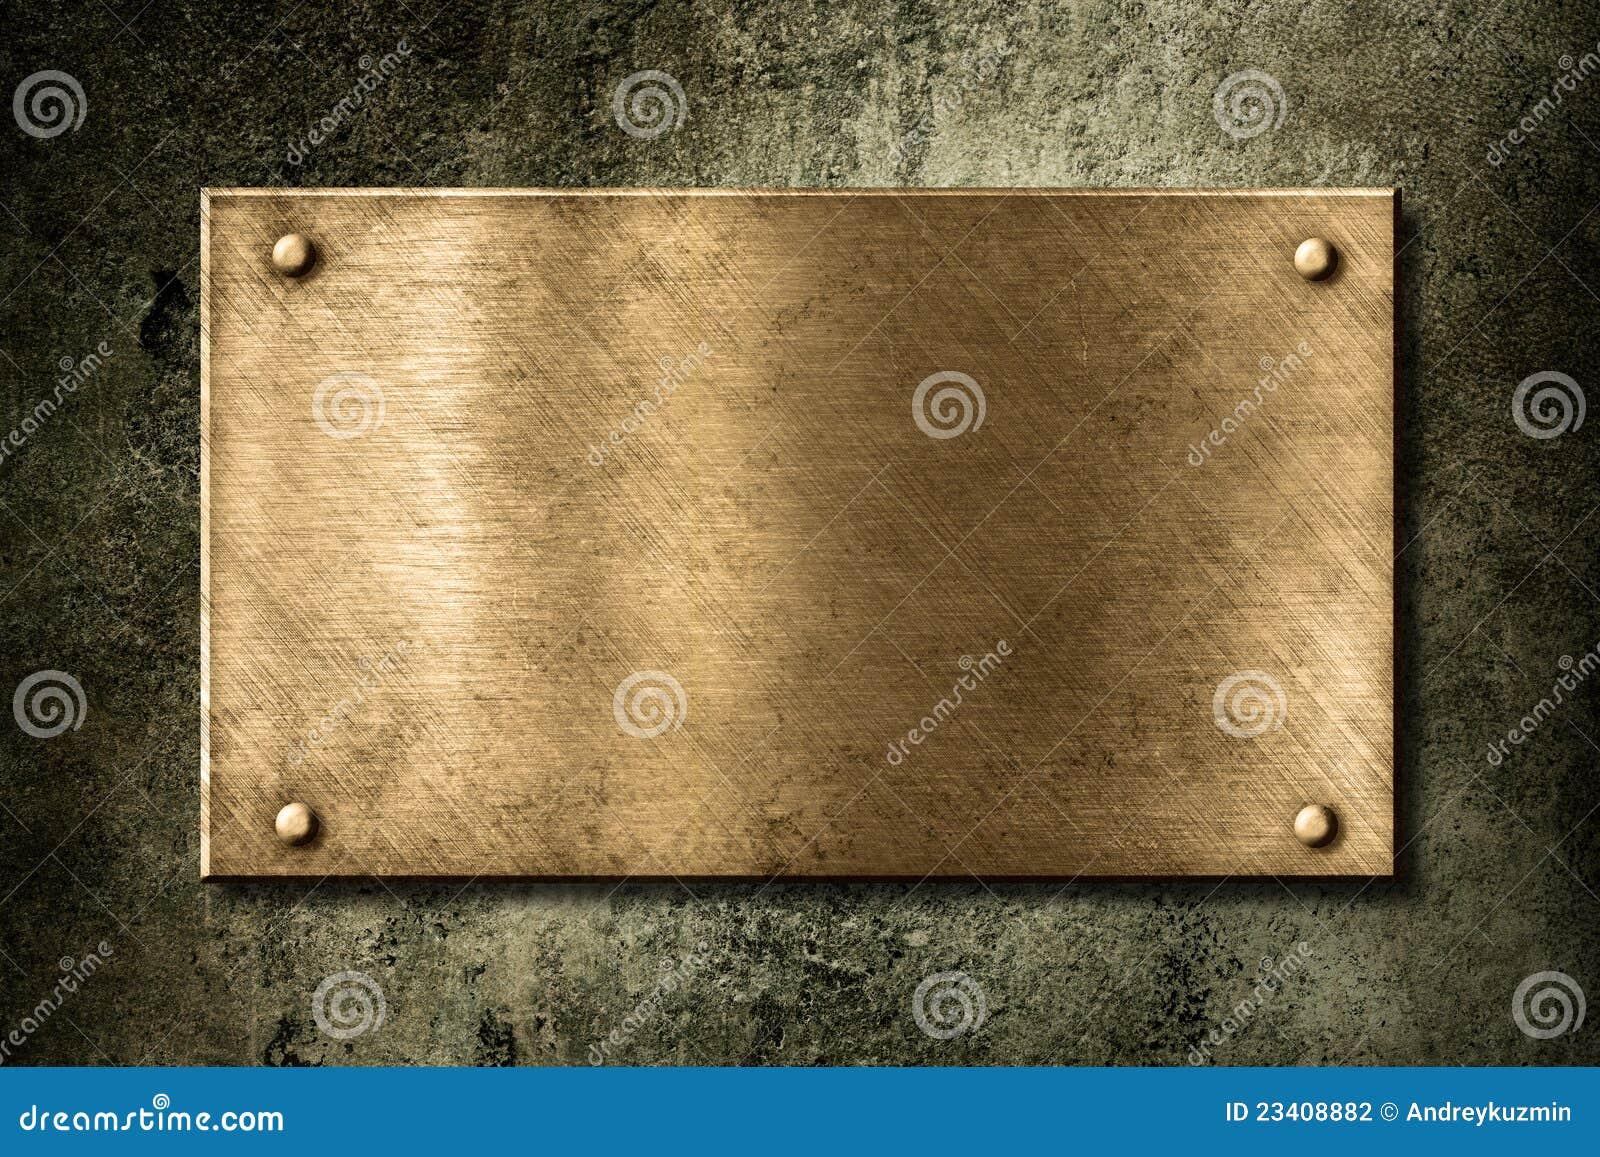 vieille plaque d 39 or ou en bronze sur le mur photo stock image du trame cadre 23408882. Black Bedroom Furniture Sets. Home Design Ideas